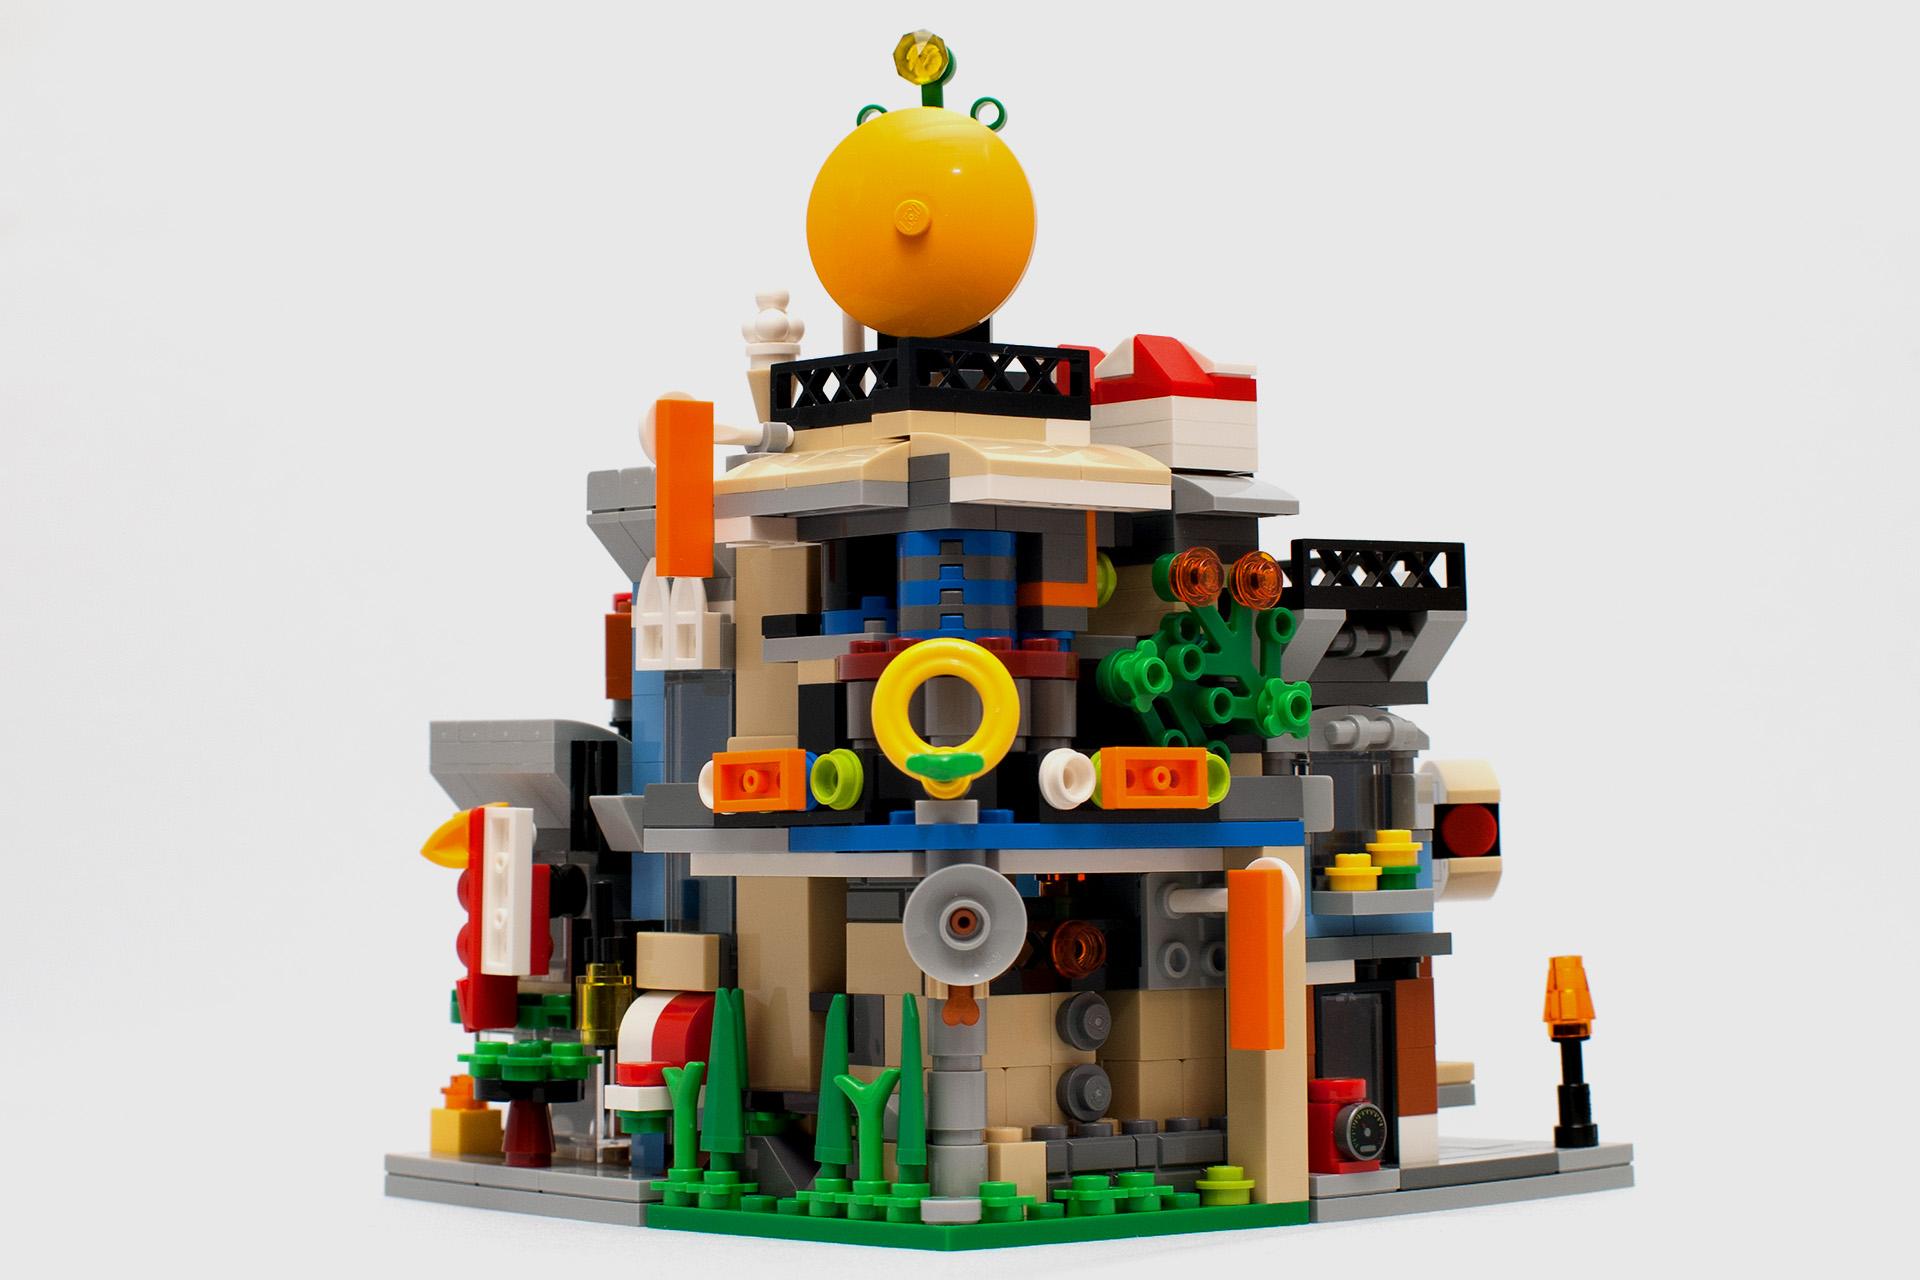 Street-sights-moc-10061-mini-ninjago-city-by-timeremembered-moc-brick-land